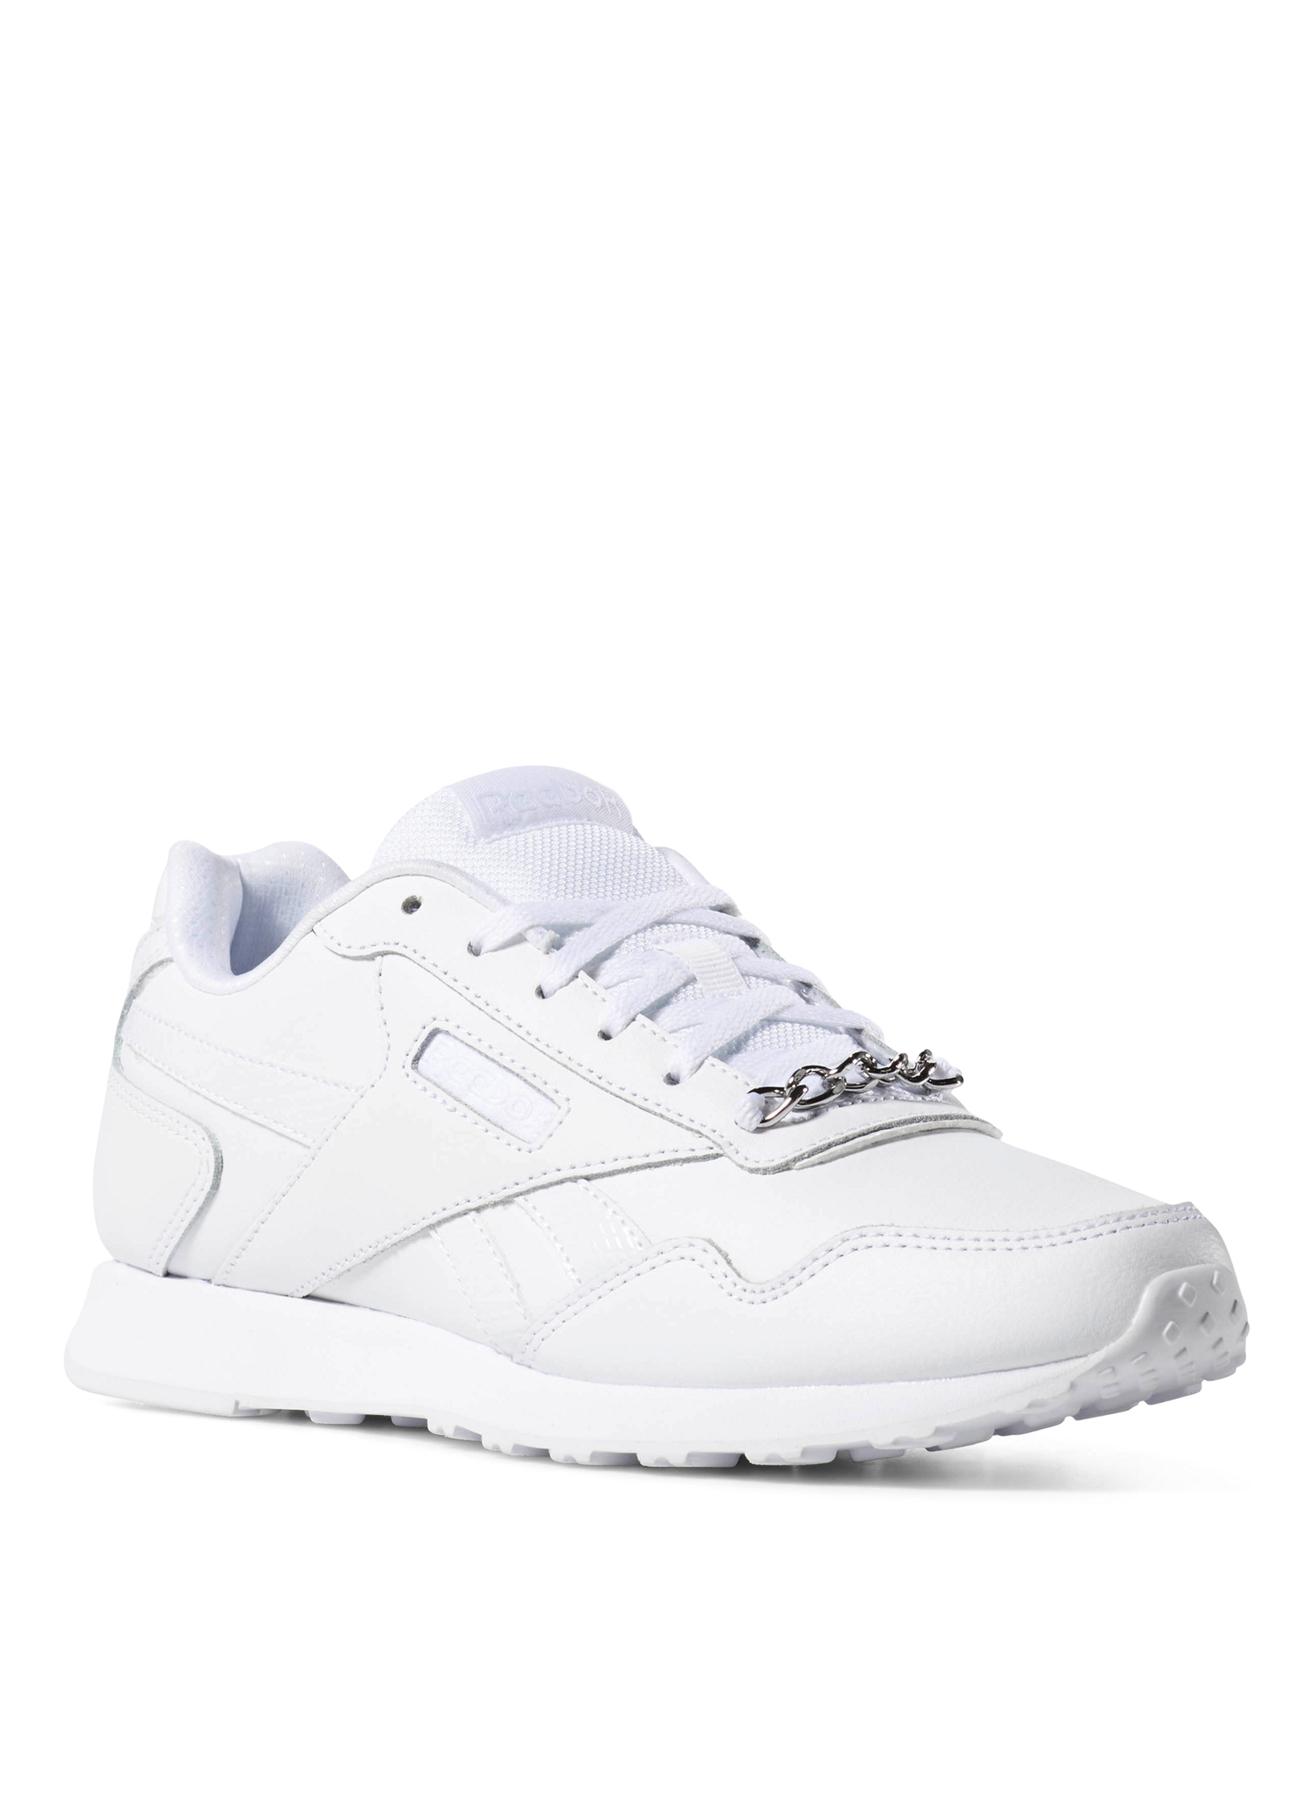 Reebok Lifestyle Ayakkabı 40 5002359636005 Ürün Resmi